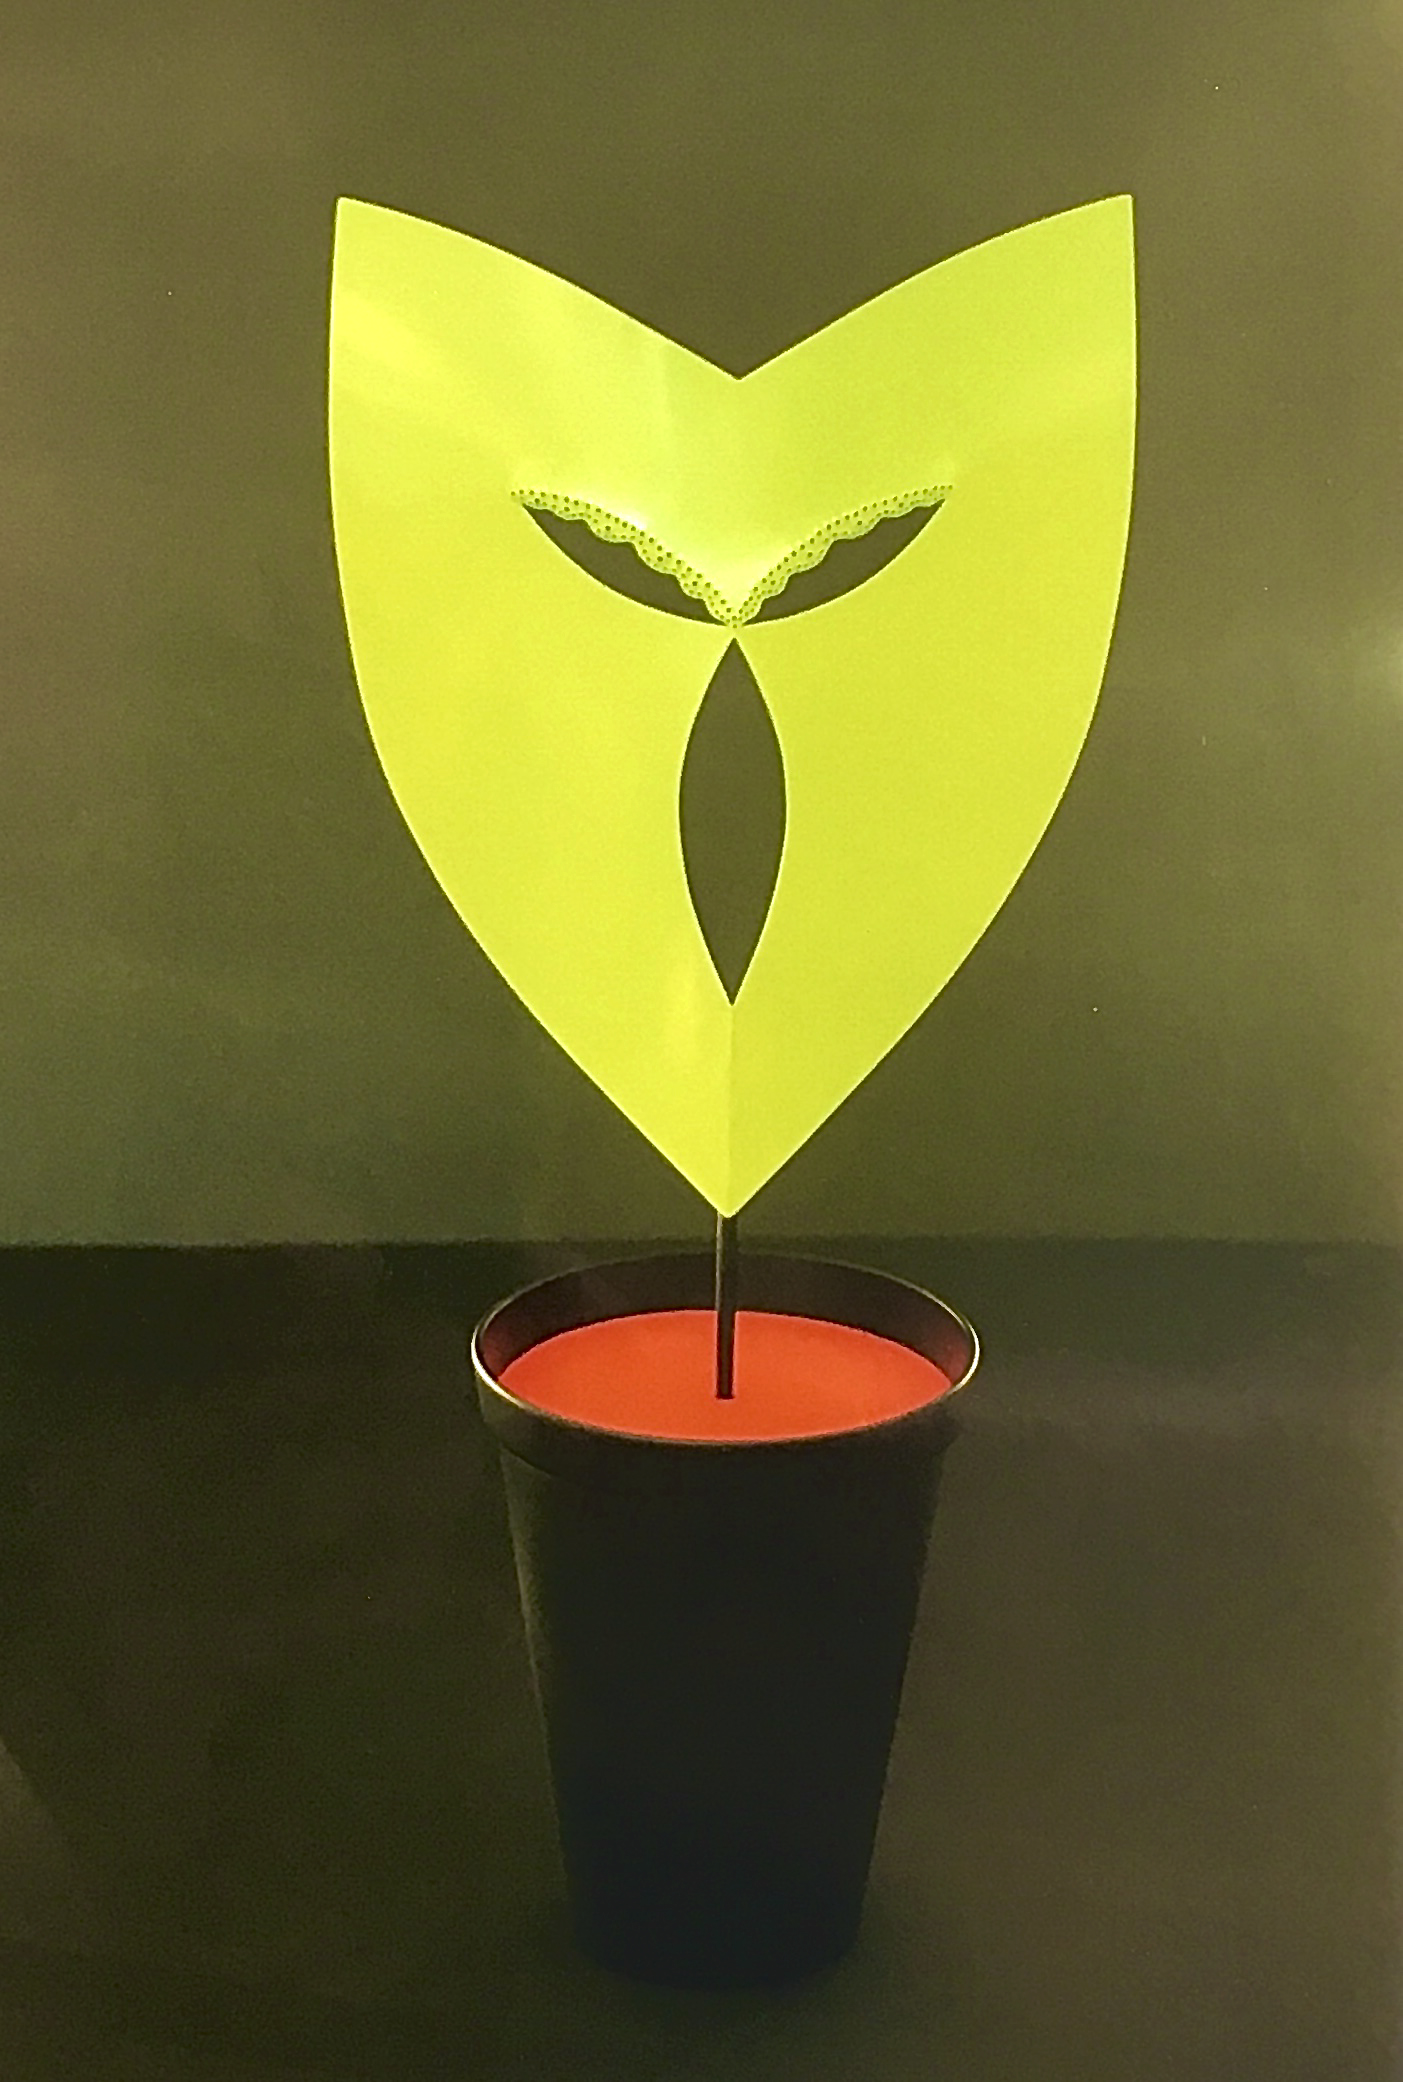 Birgit Laken, Potmasker voor in het raamkozijn, 2001, 25 Jaar Ra Maskerade, brons, koper, acryllak